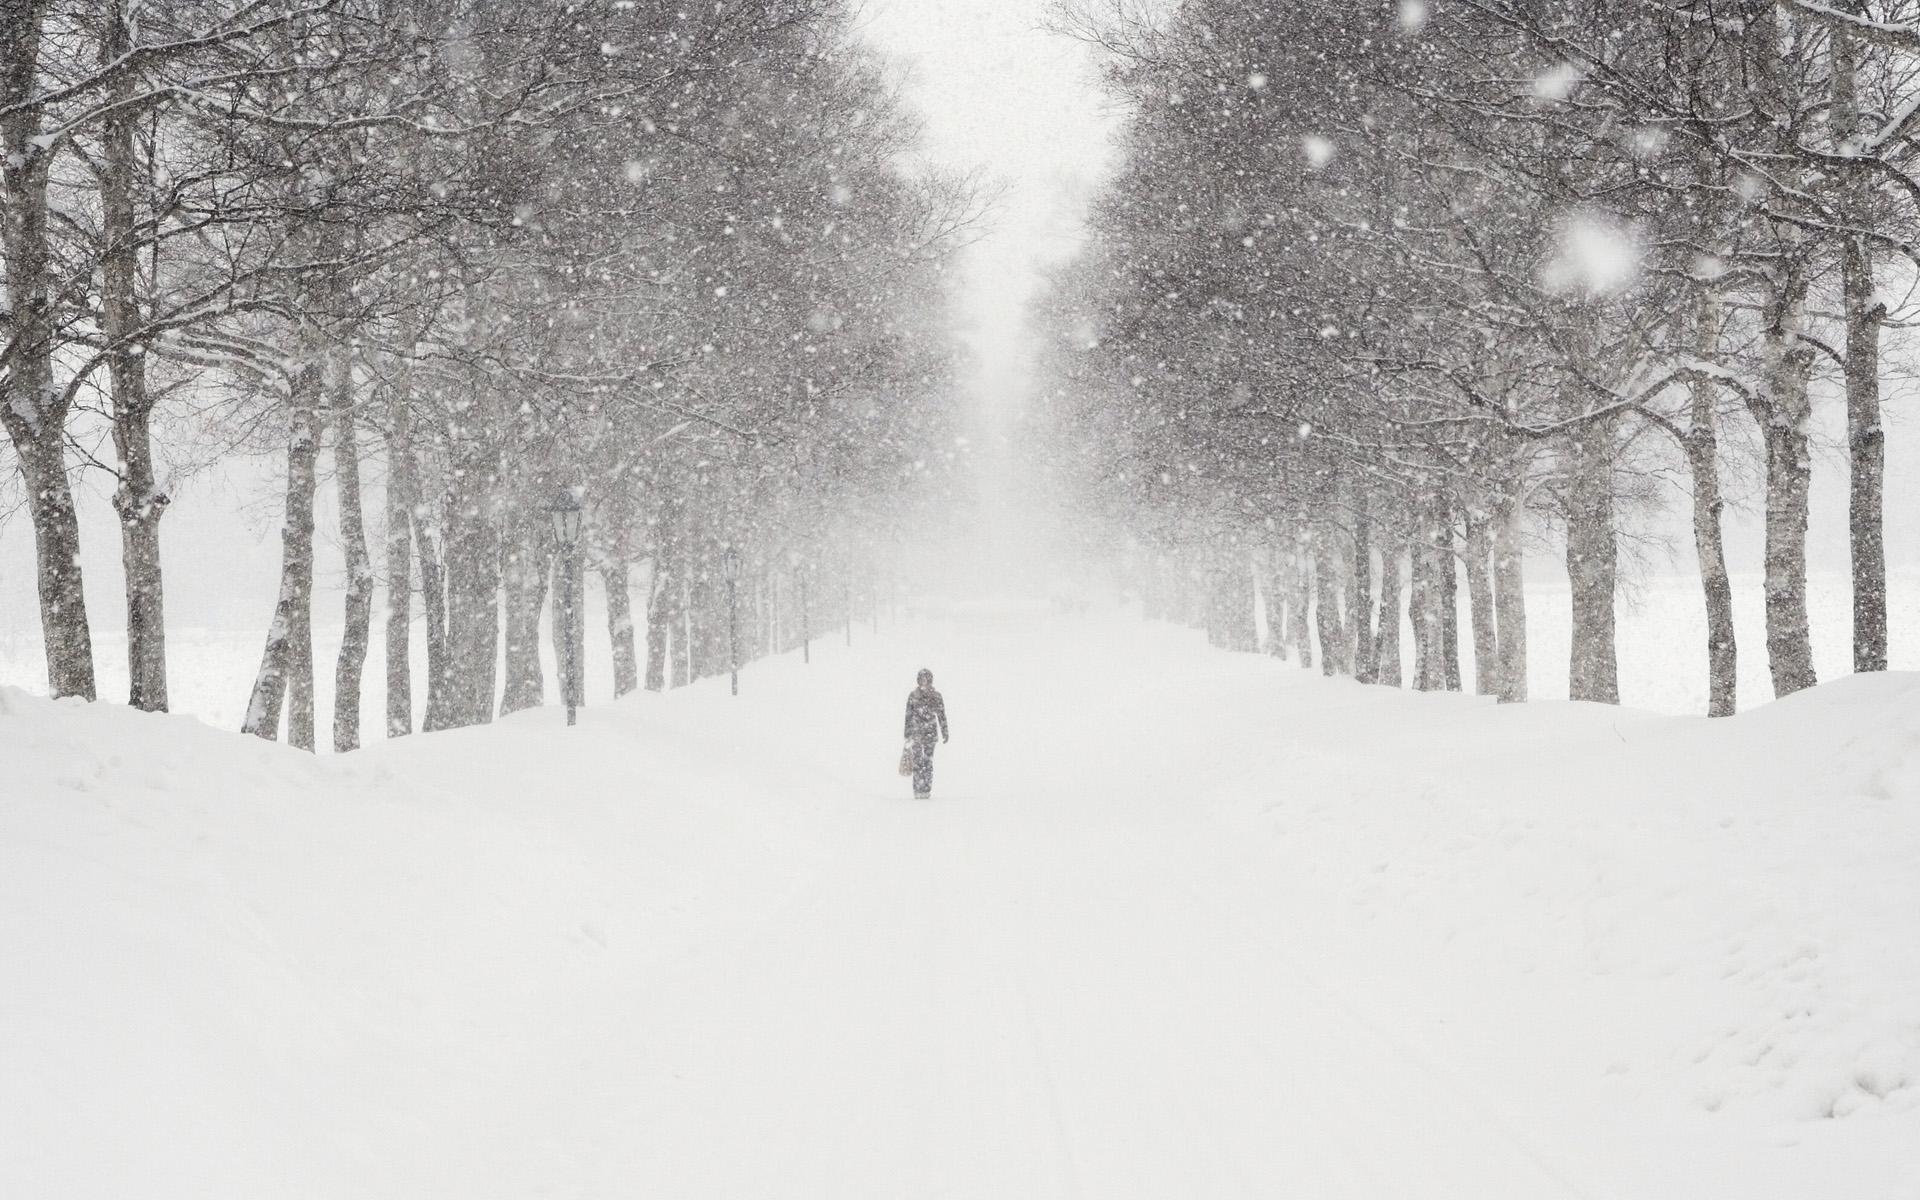 این اِلِمان های زندگین که آدم و از درون سرد و گرم می کنن...